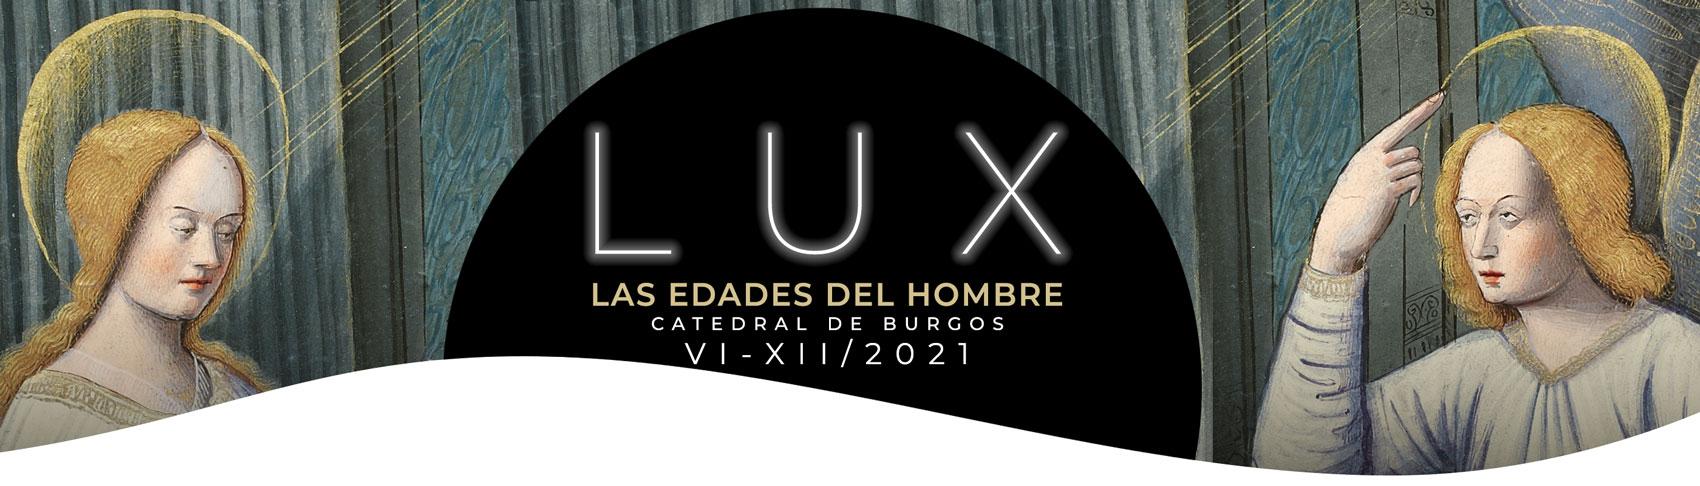 LAS EDADES DEL HOMBRE - LUX, CATEDRAL DE BURGOS, JUNIO A DICIEMBRE 2021